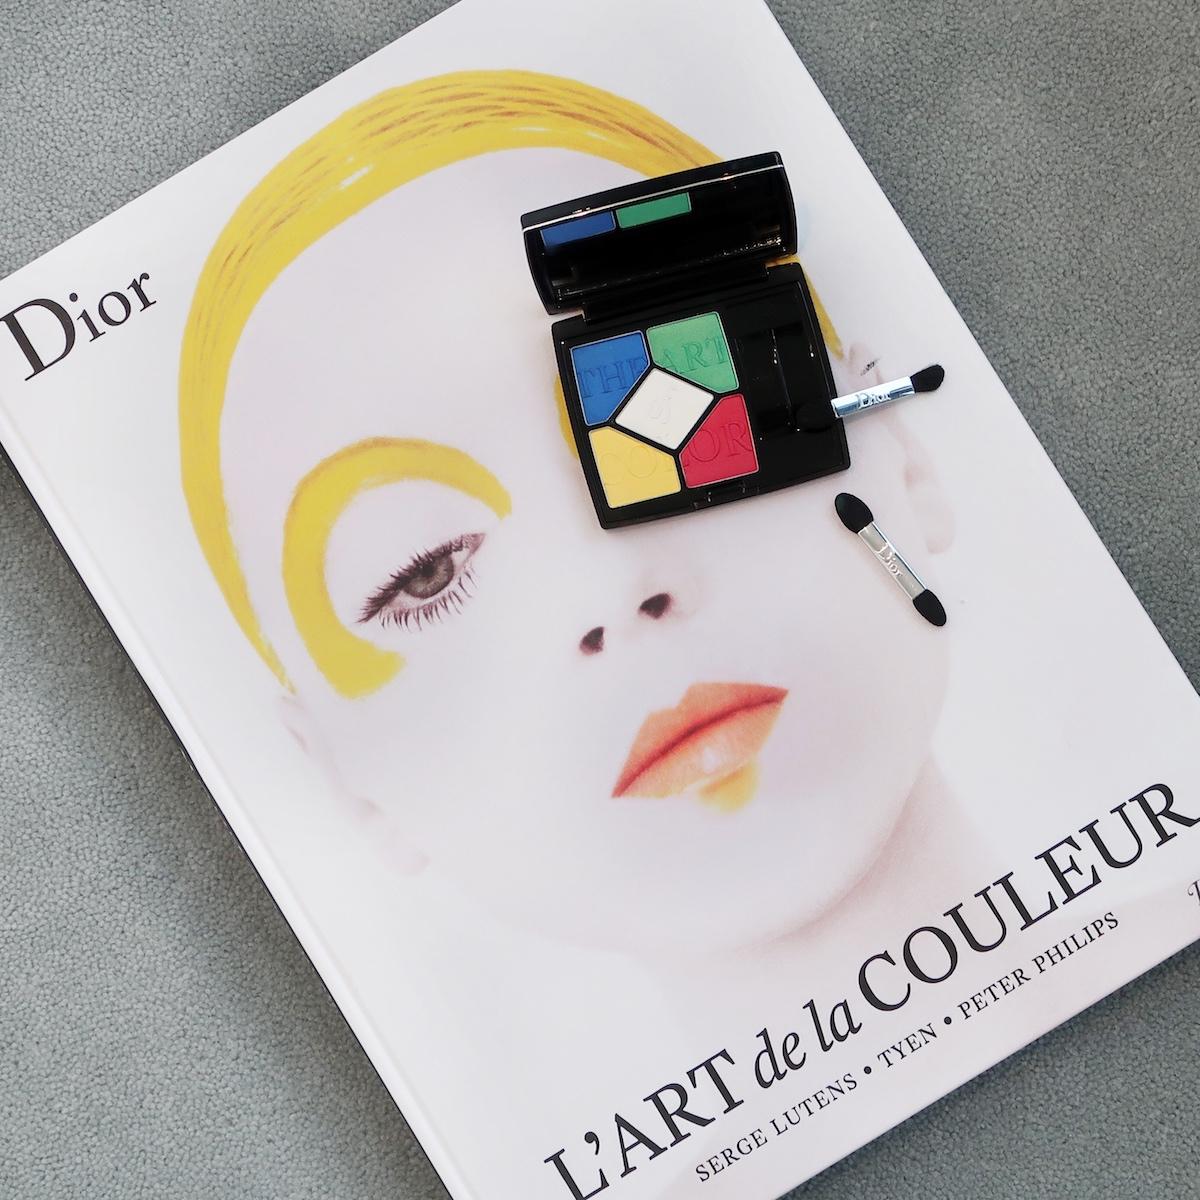 ディオールが12色のブランドカラーから歴史を紐解く<アート オブ カラー展>開催! artculture180323_dior_kawasaki_02